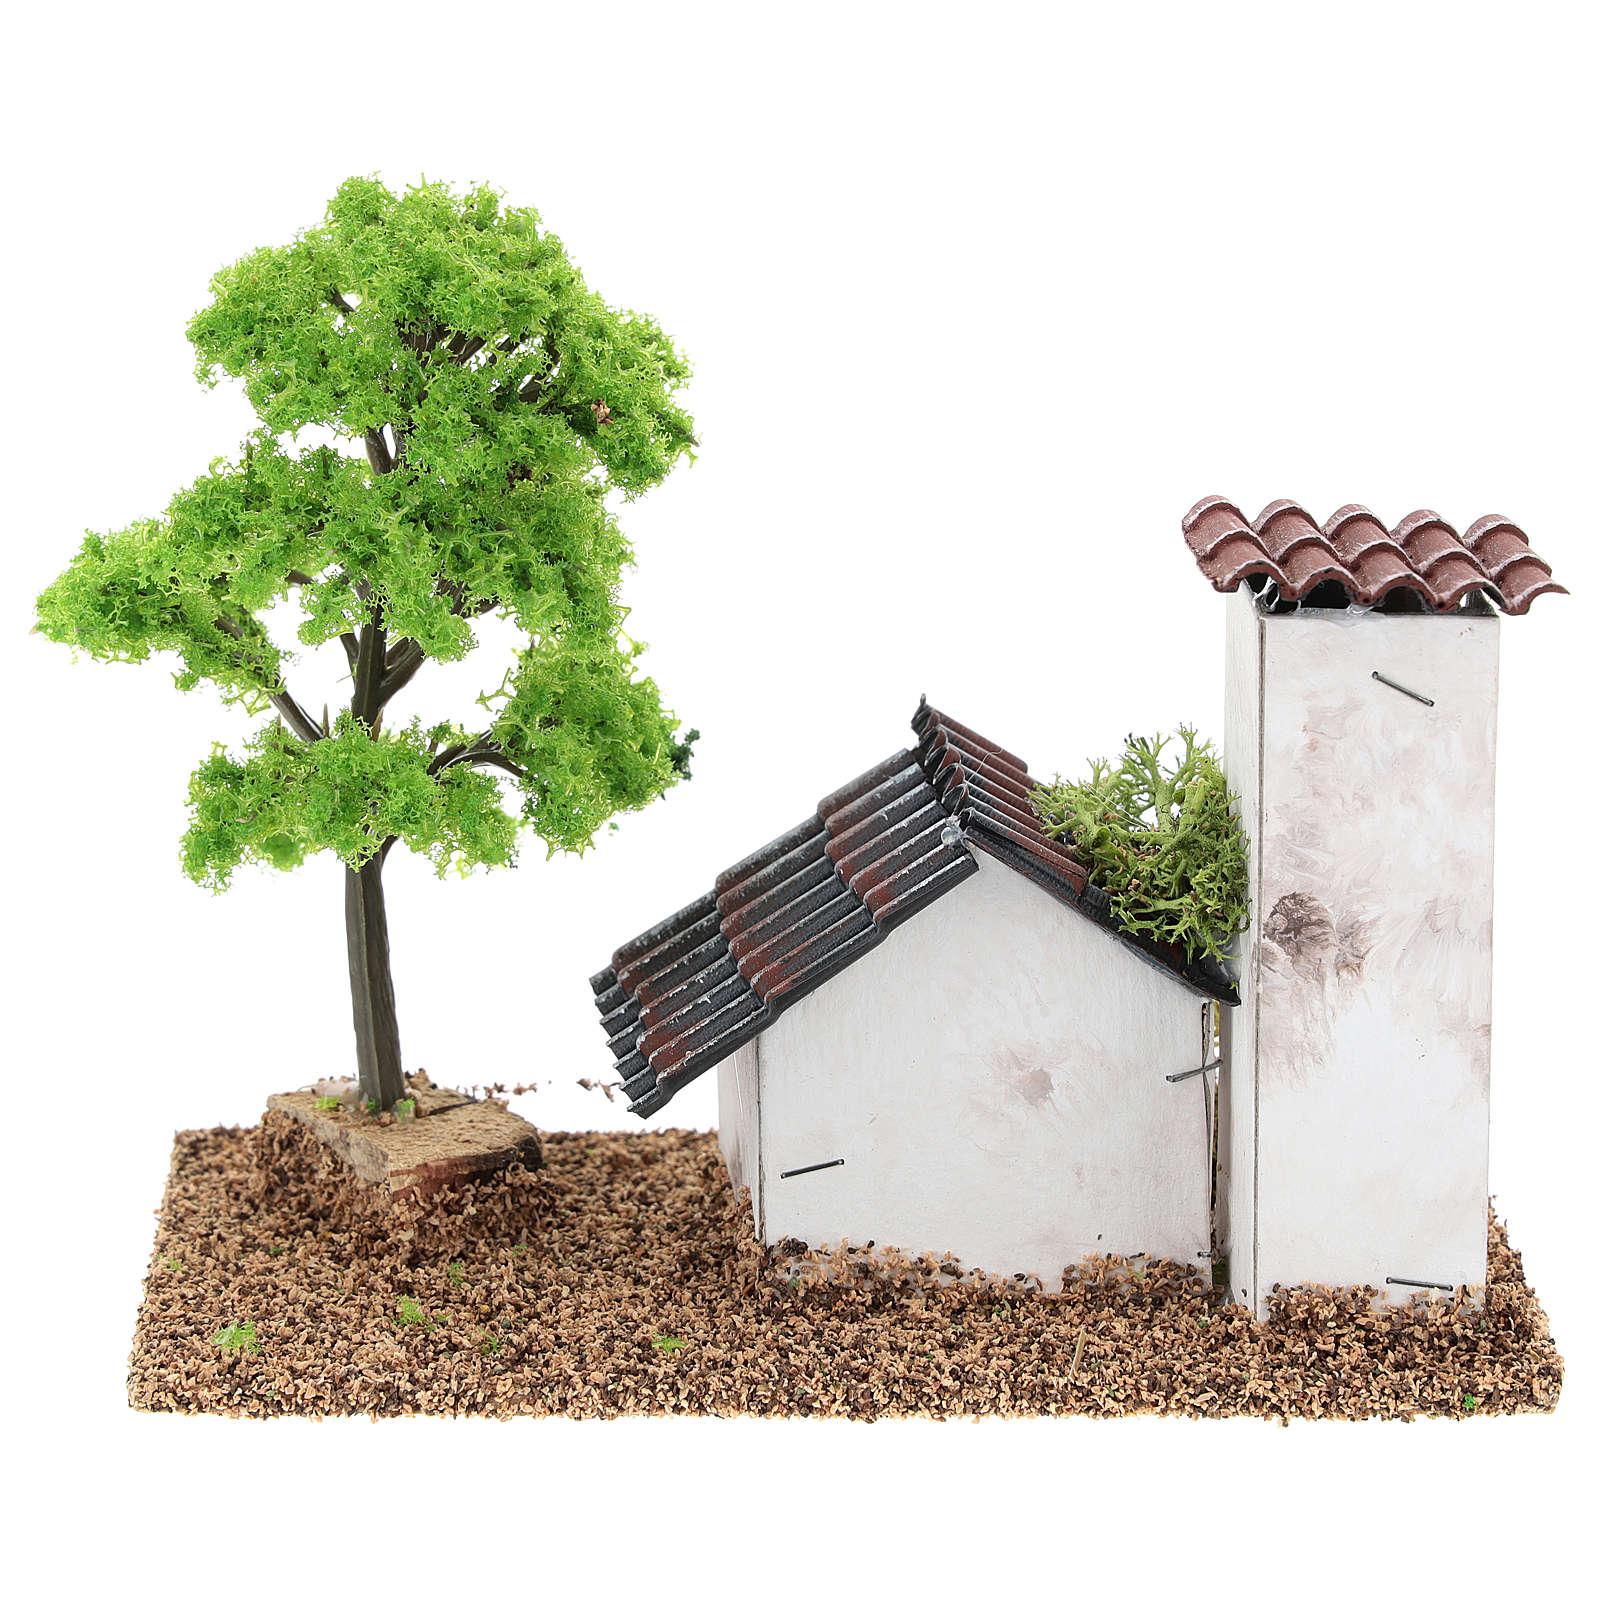 Casita con torre 10x15x10 cm ambientación belén 3-4 cm 4